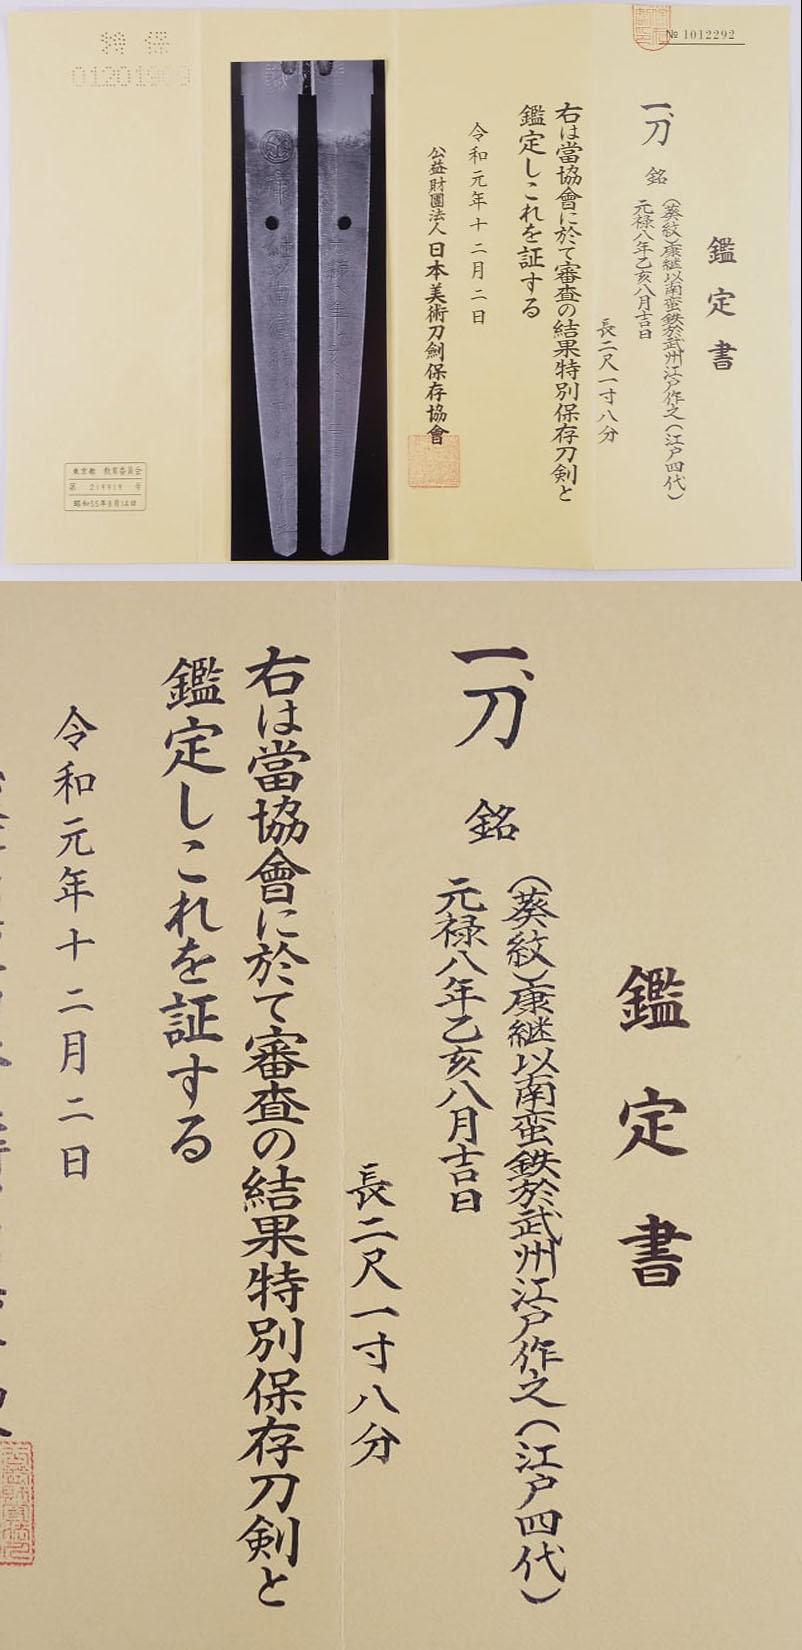 刀 (葵紋)康継以南蛮鉄於武州江戸作之(江戸四代) Picture of Certificate